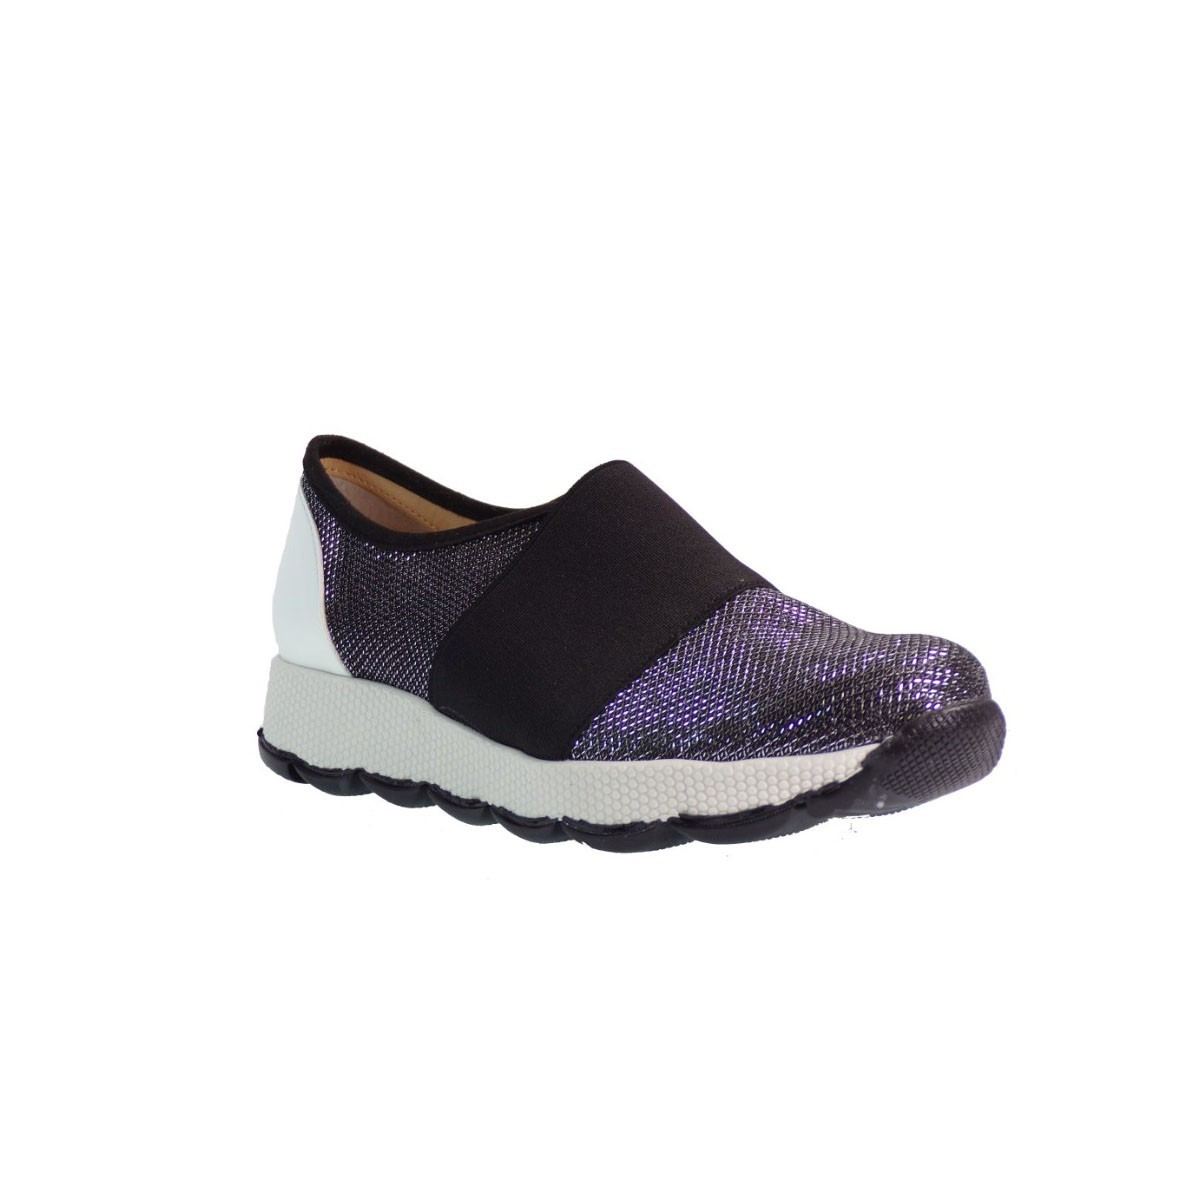 Katia Shoes Γυναικεία Παπούτσια 14/400 Ατσαλί Katia shoes 14/400 Ατσαλί